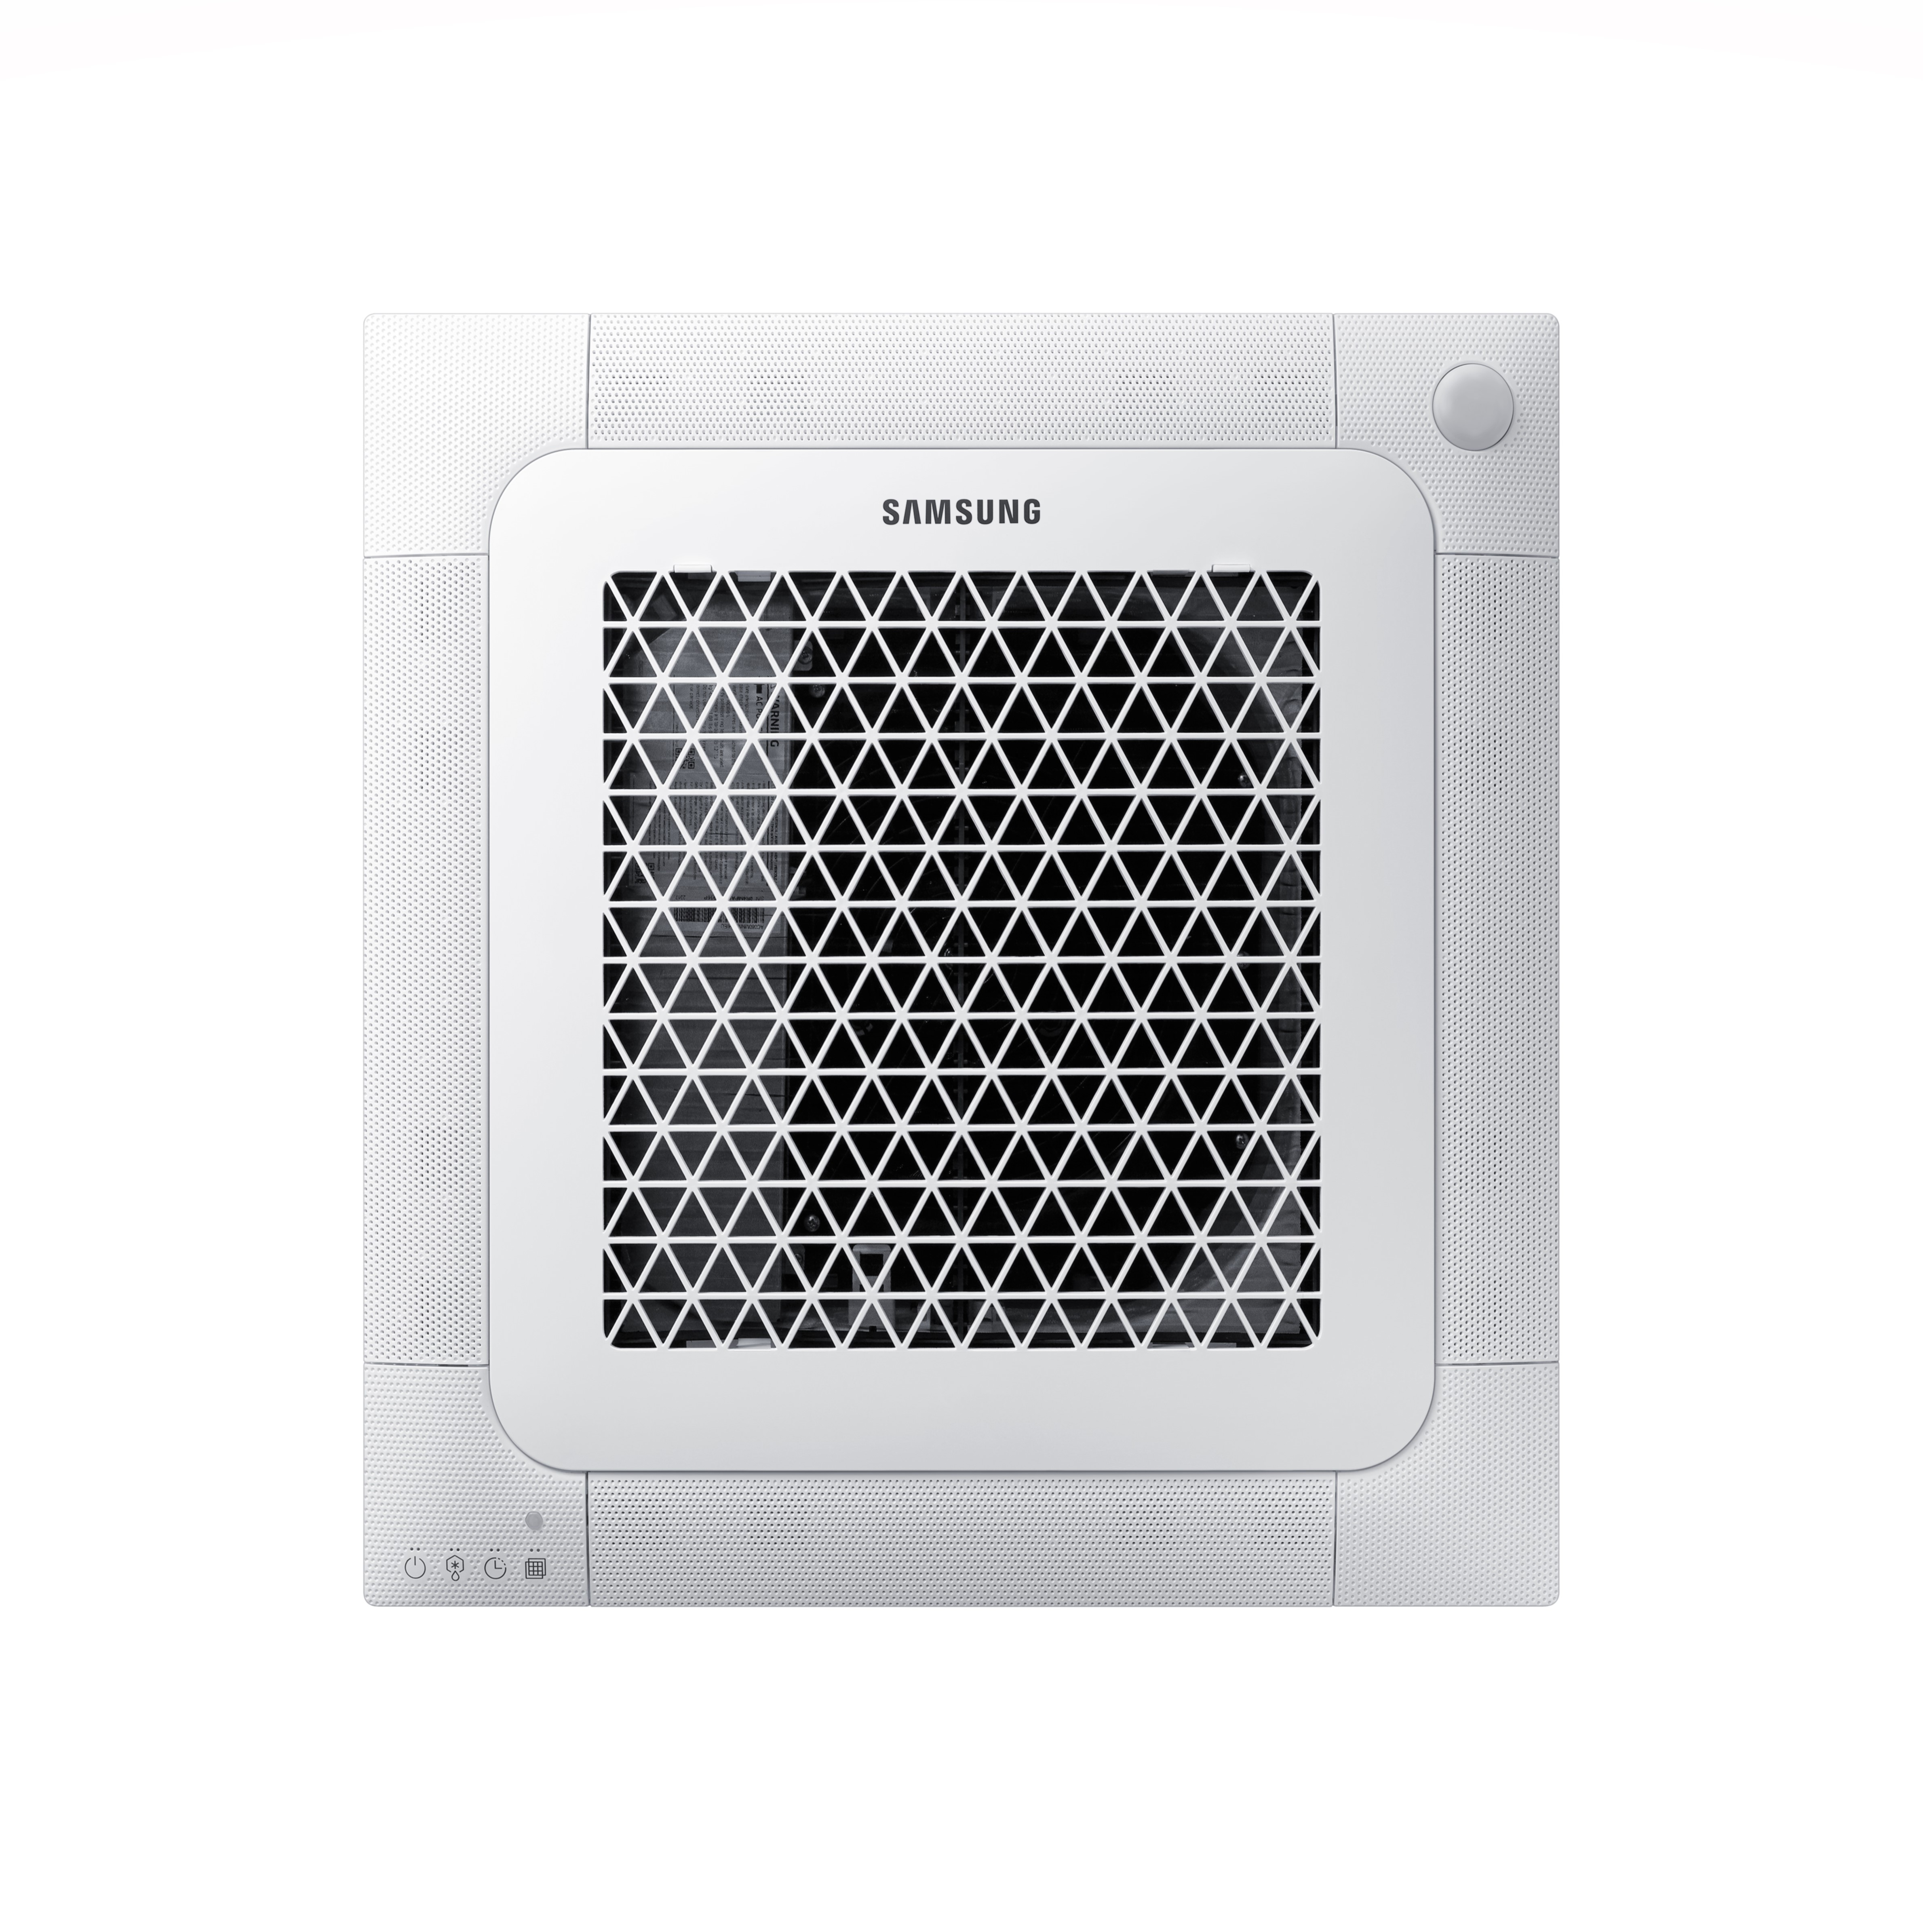 Samsung PC4SUFMAN štvorcový dekoračný panel